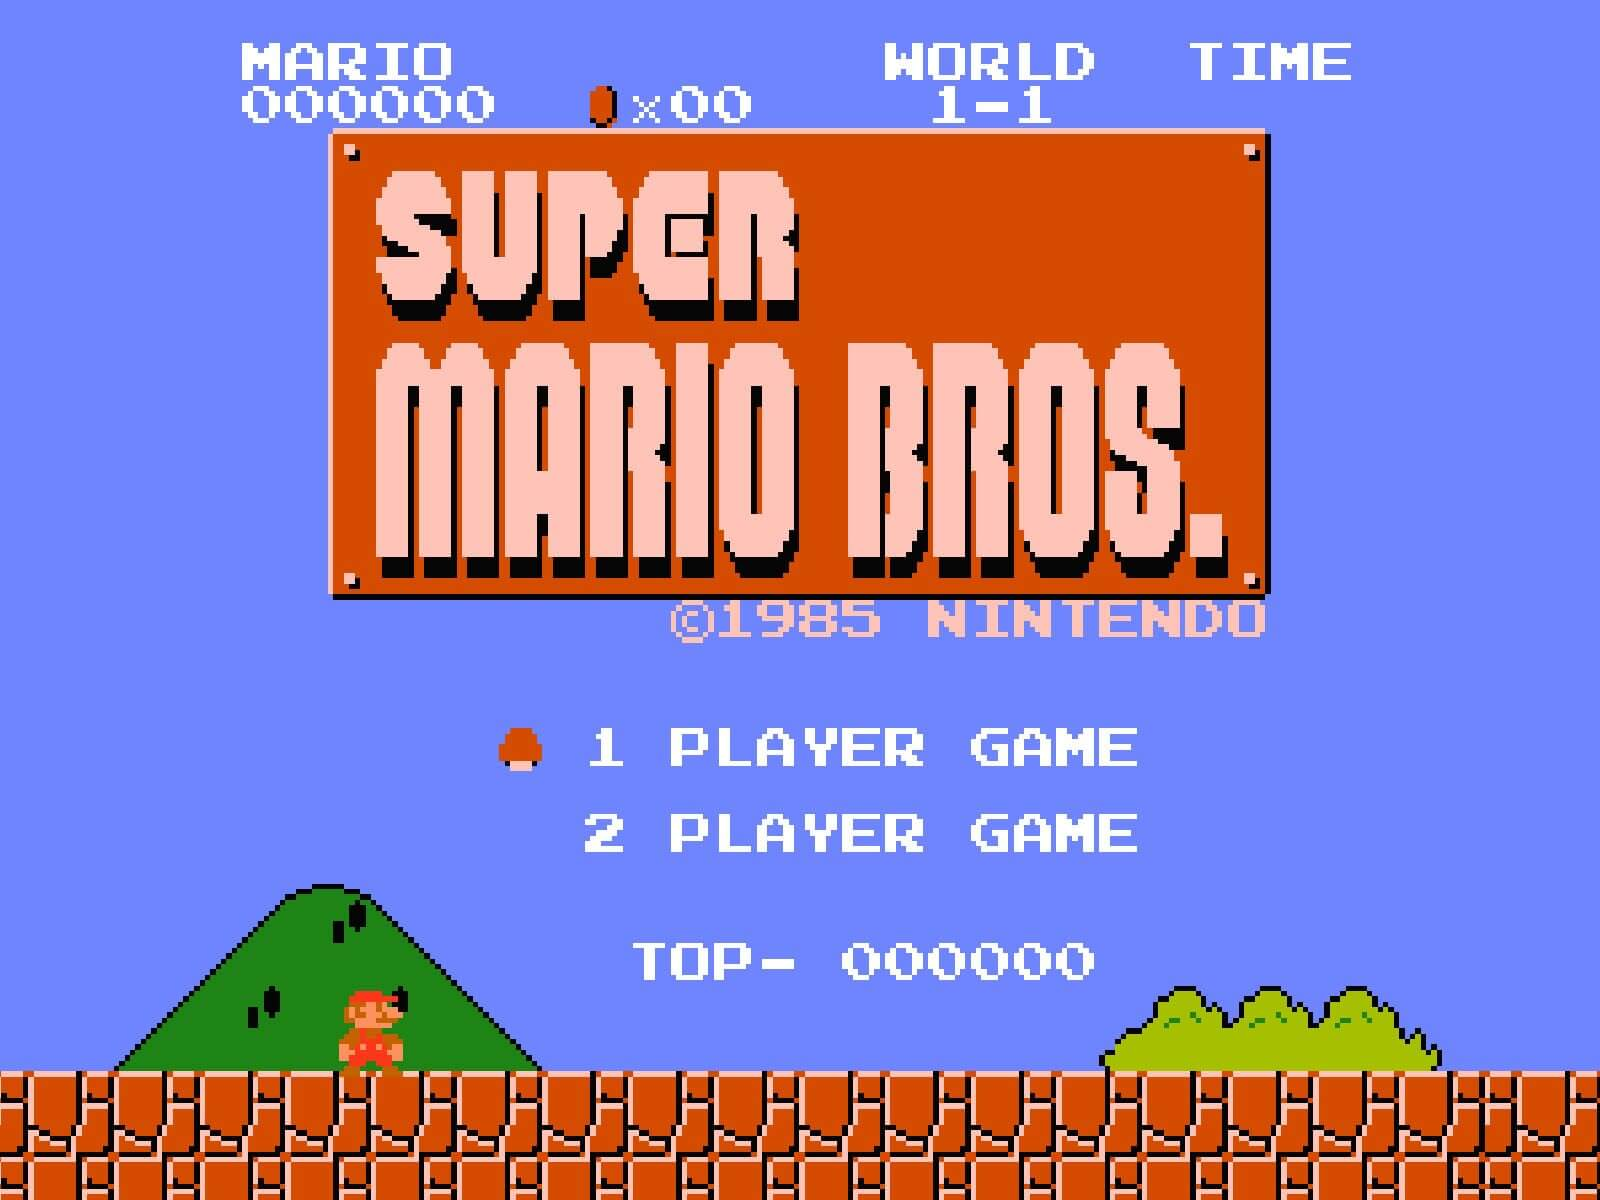 super mario bros - Google e Microsoft comemoram aniversário de 30 anos de Super Mario Bros com easter eggs